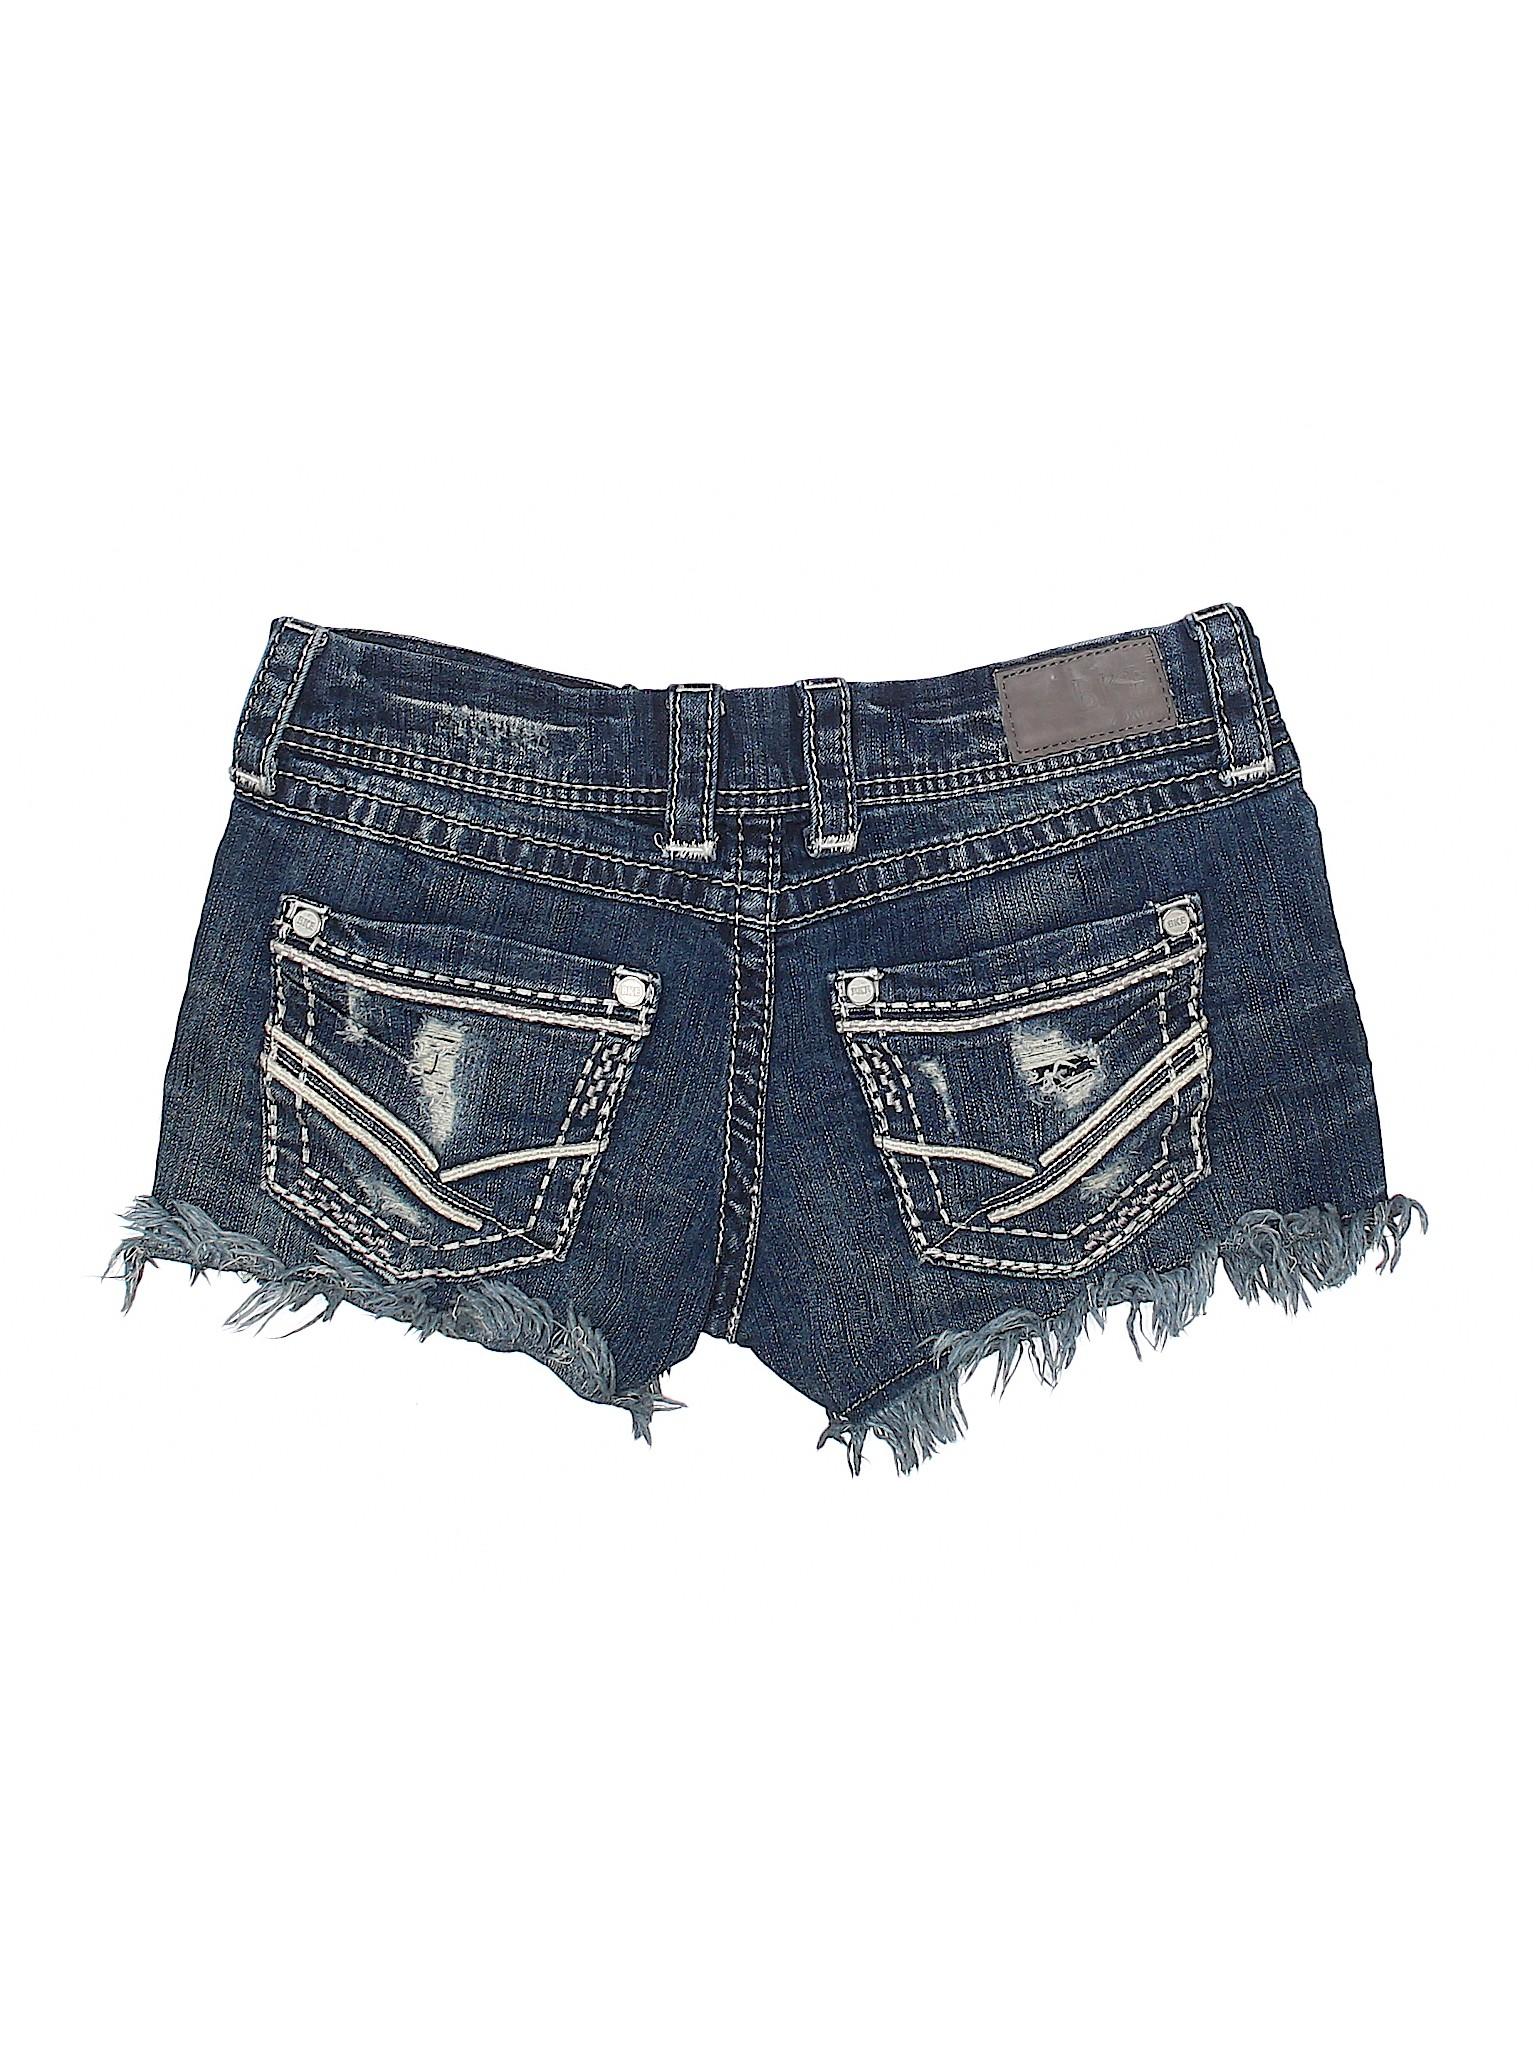 Shorts BKE Boutique Boutique BKE Denim RnqHw7OI0